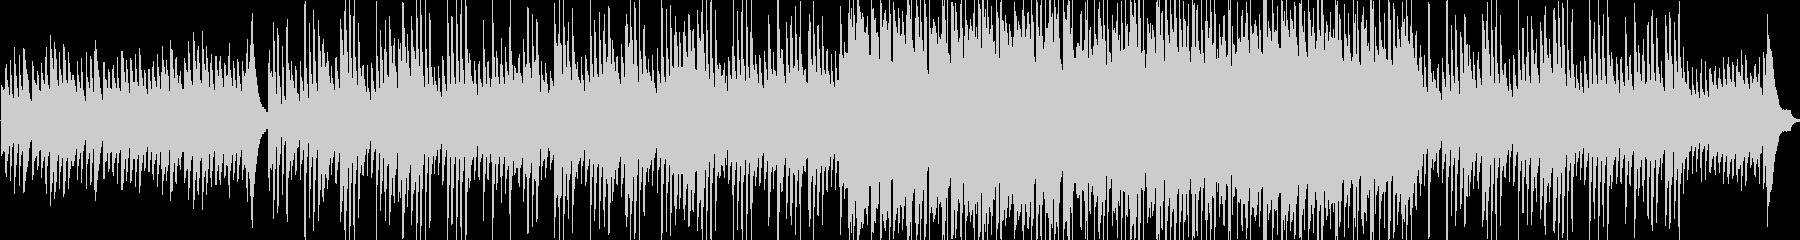 切ないピアノのバラード。2分45秒の未再生の波形